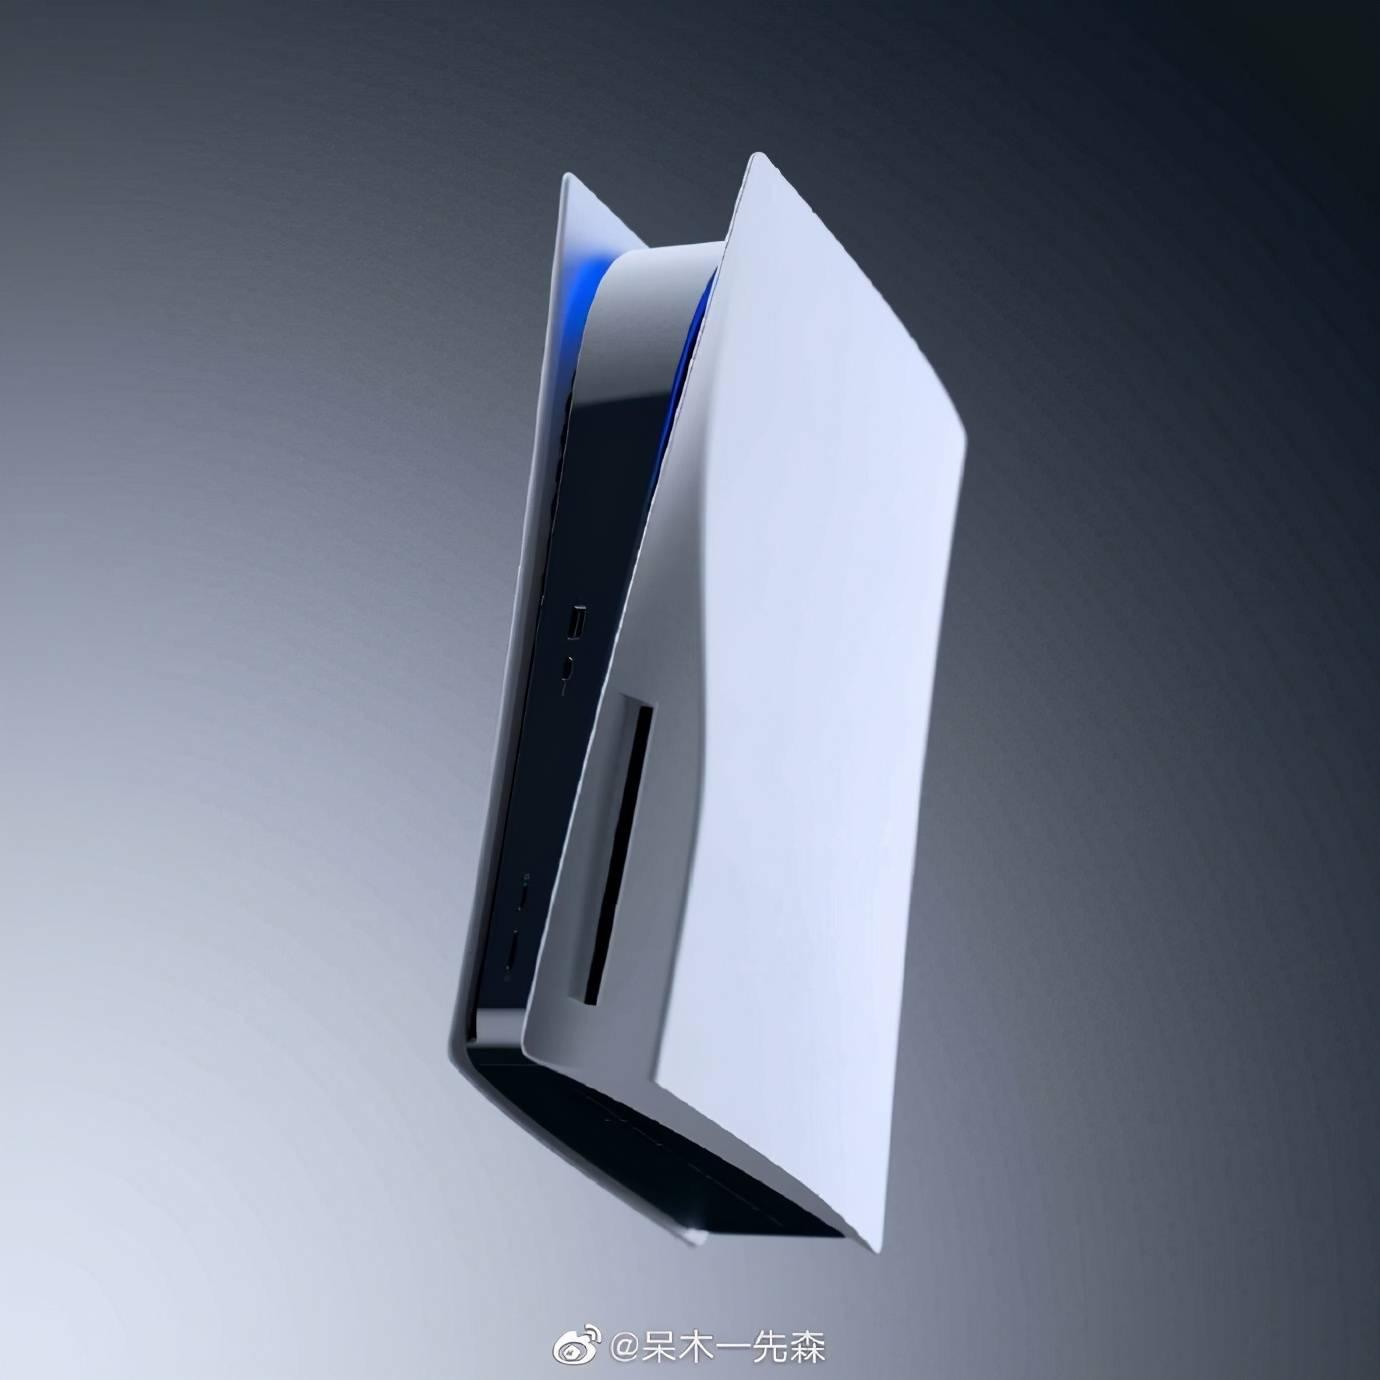 市场缺货,很难找到机器:索尼PS5一共卖出了450万台